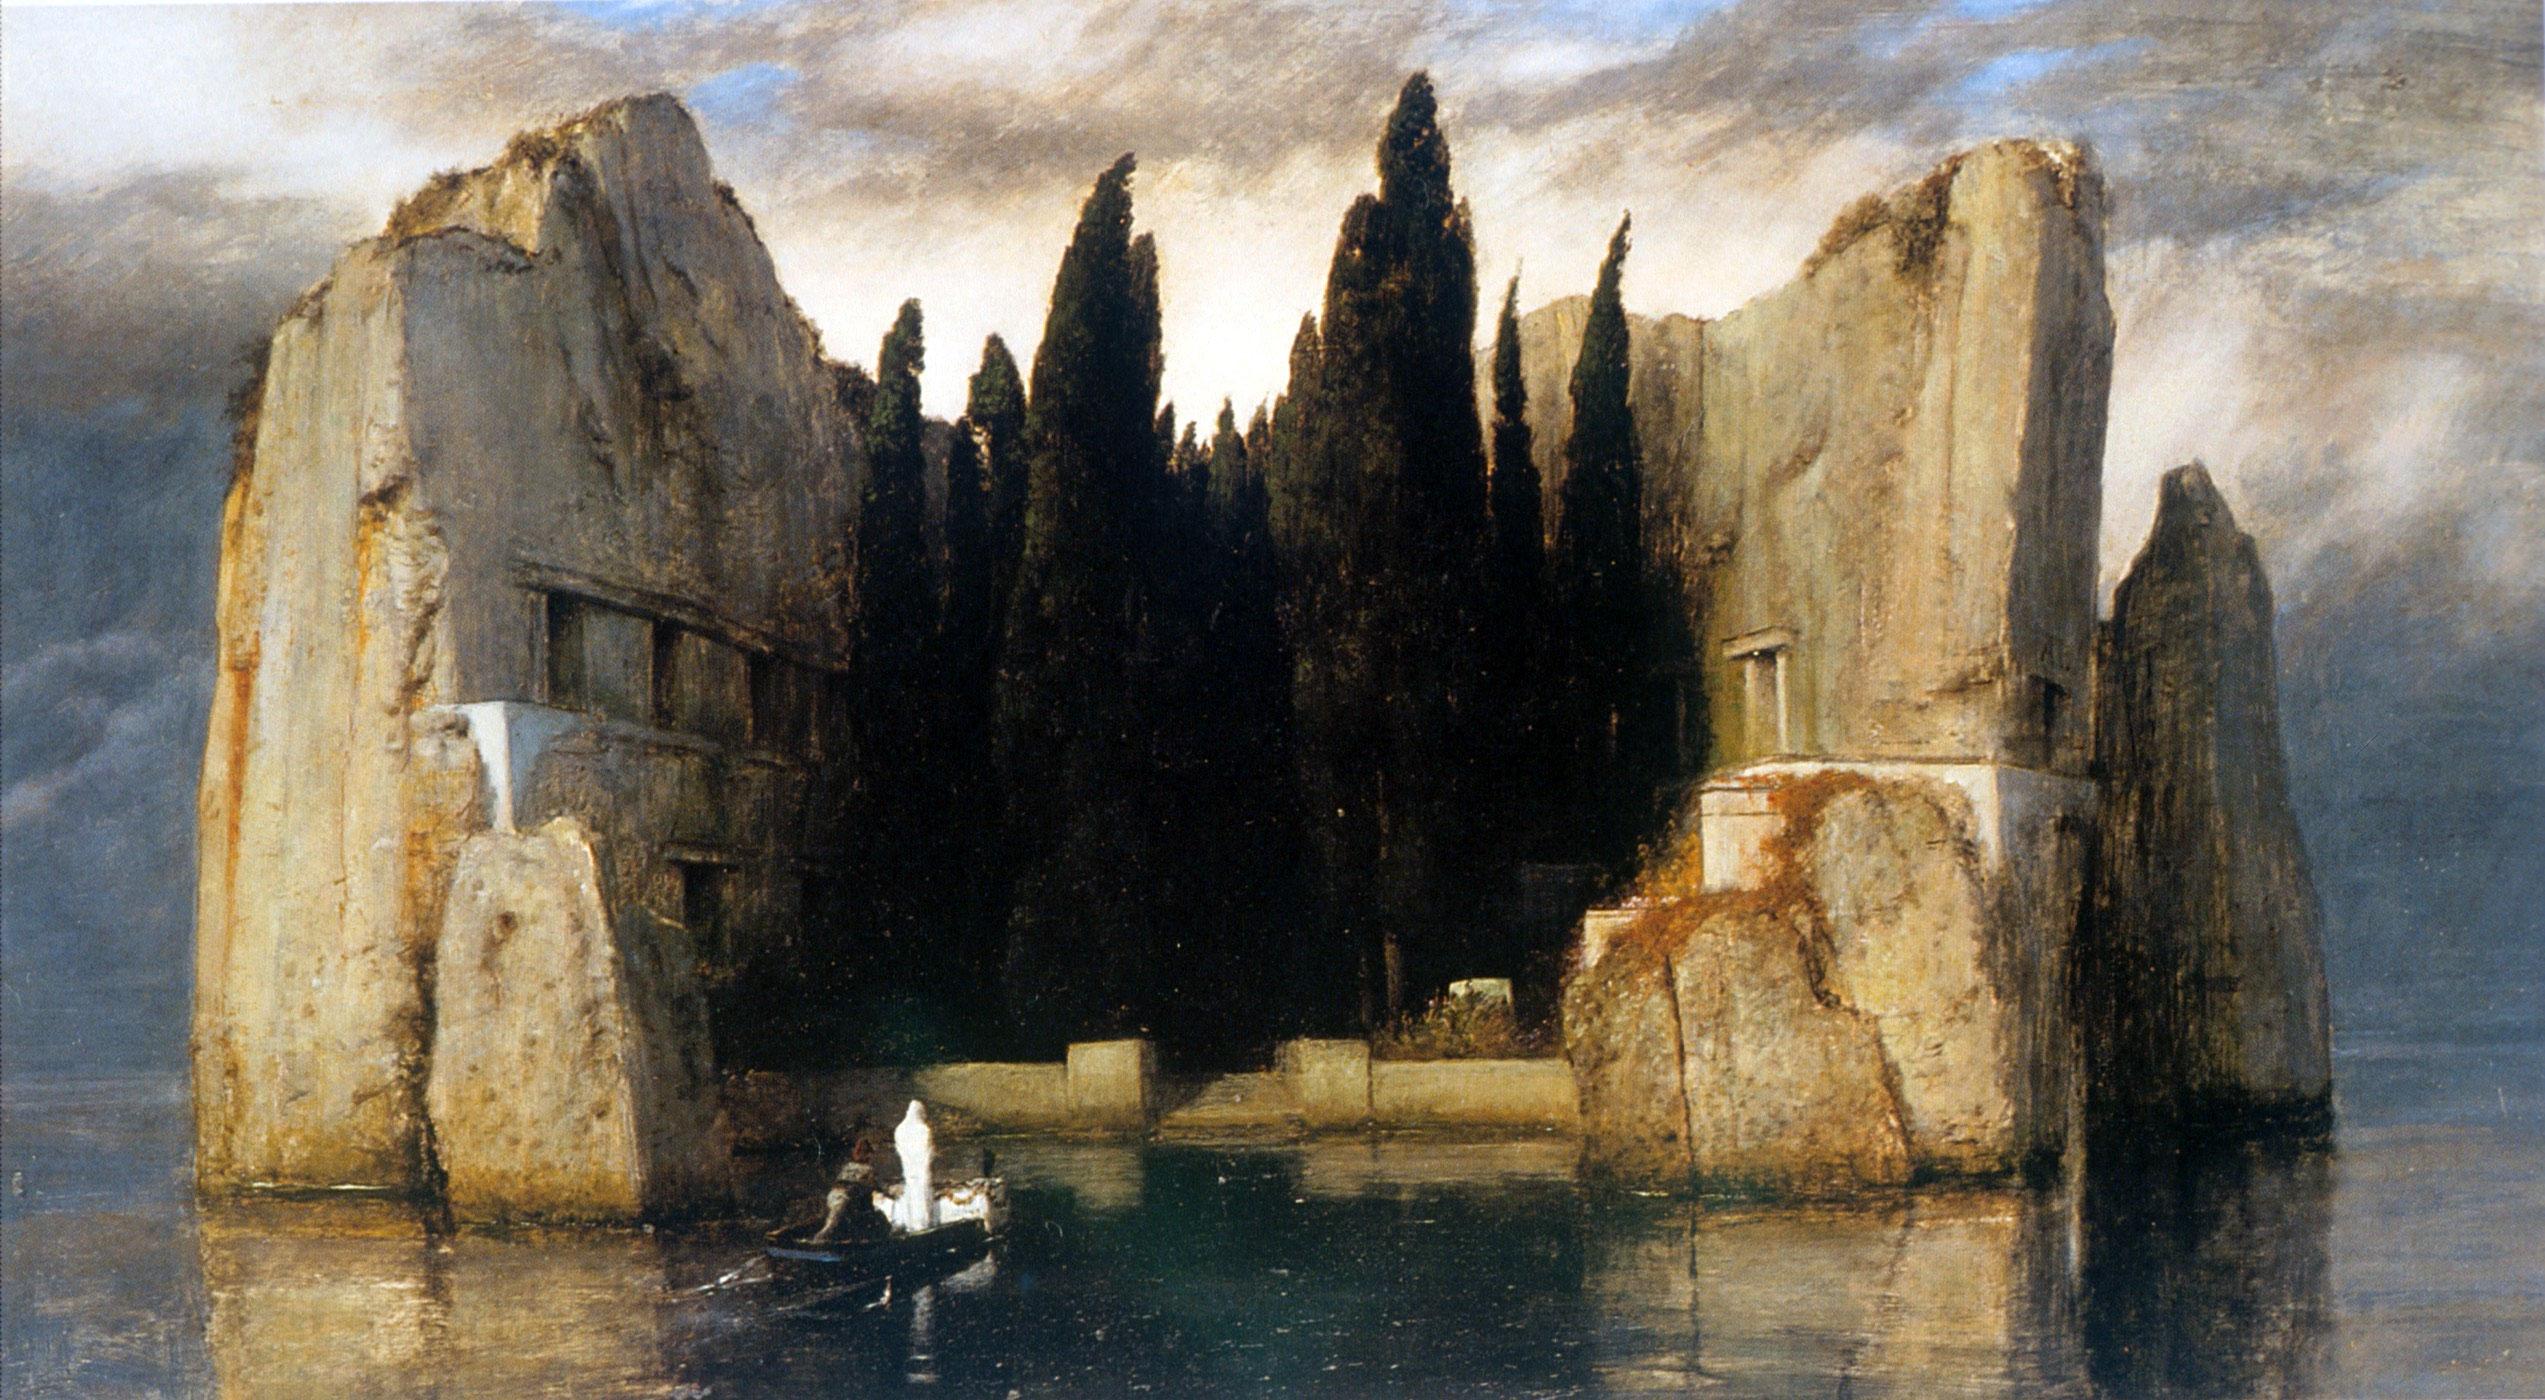 Arnold Böcklin, il grande pittore dell'Isola dei morti che piaceva a de Chirico